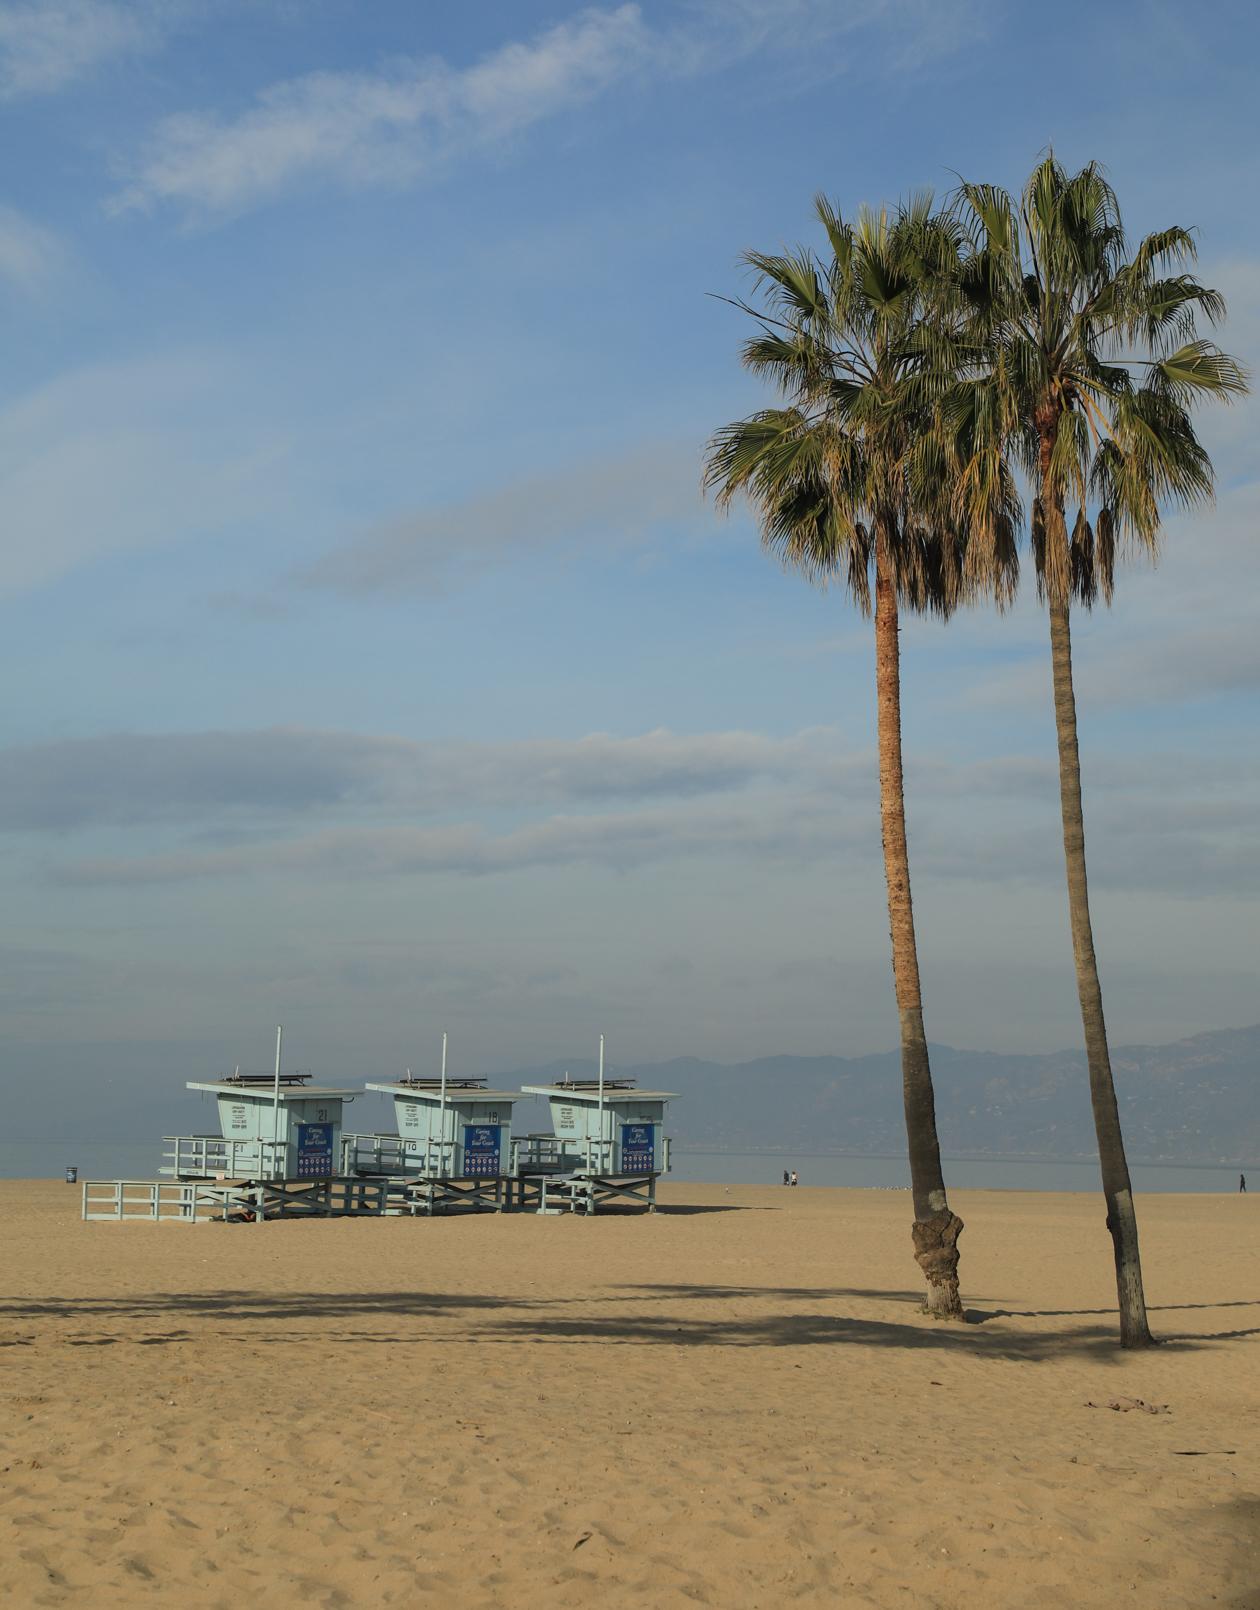 losangeles-strandwachtershuisjes-en-palmbomen